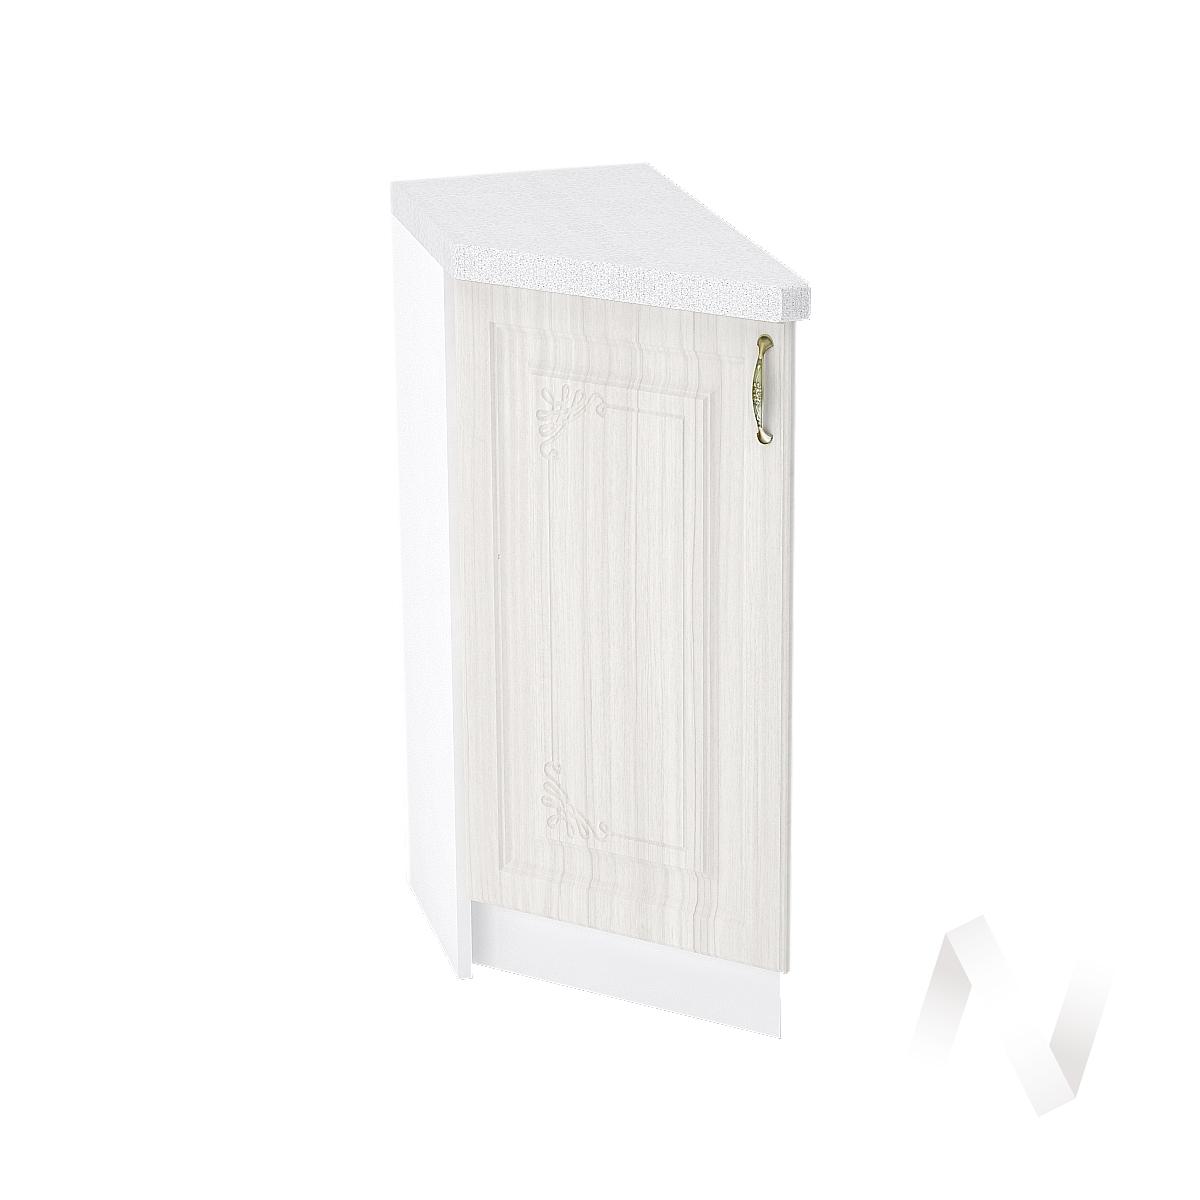 """Кухня """"Виктория"""": Шкаф нижний торцевой 300, ШНТ 300 (корпус белый)"""